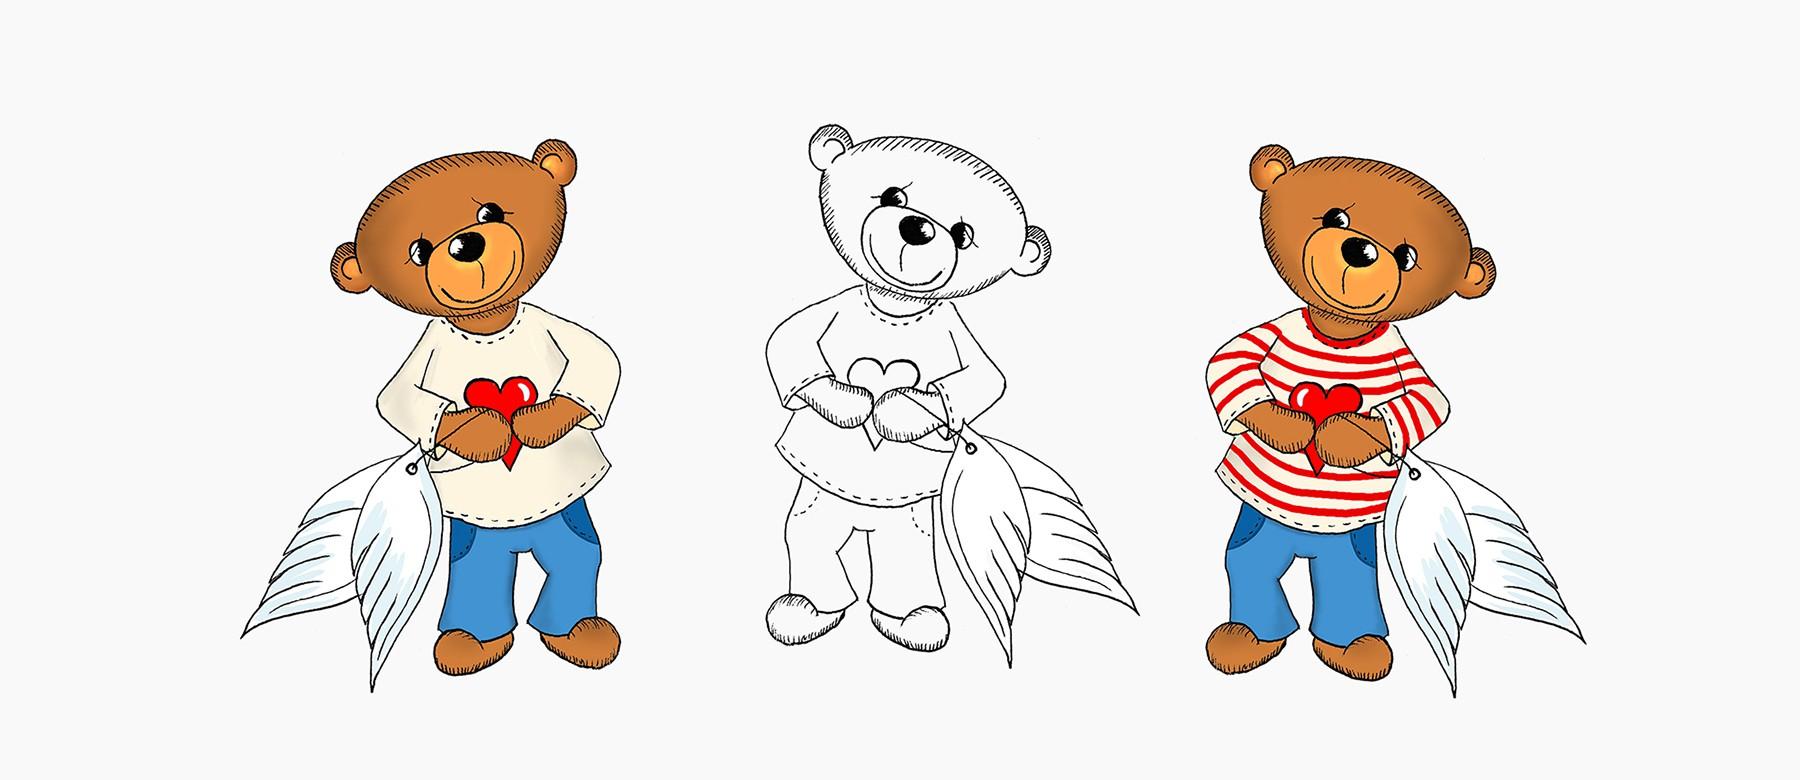 Introbild für das Projekt Teddyengel